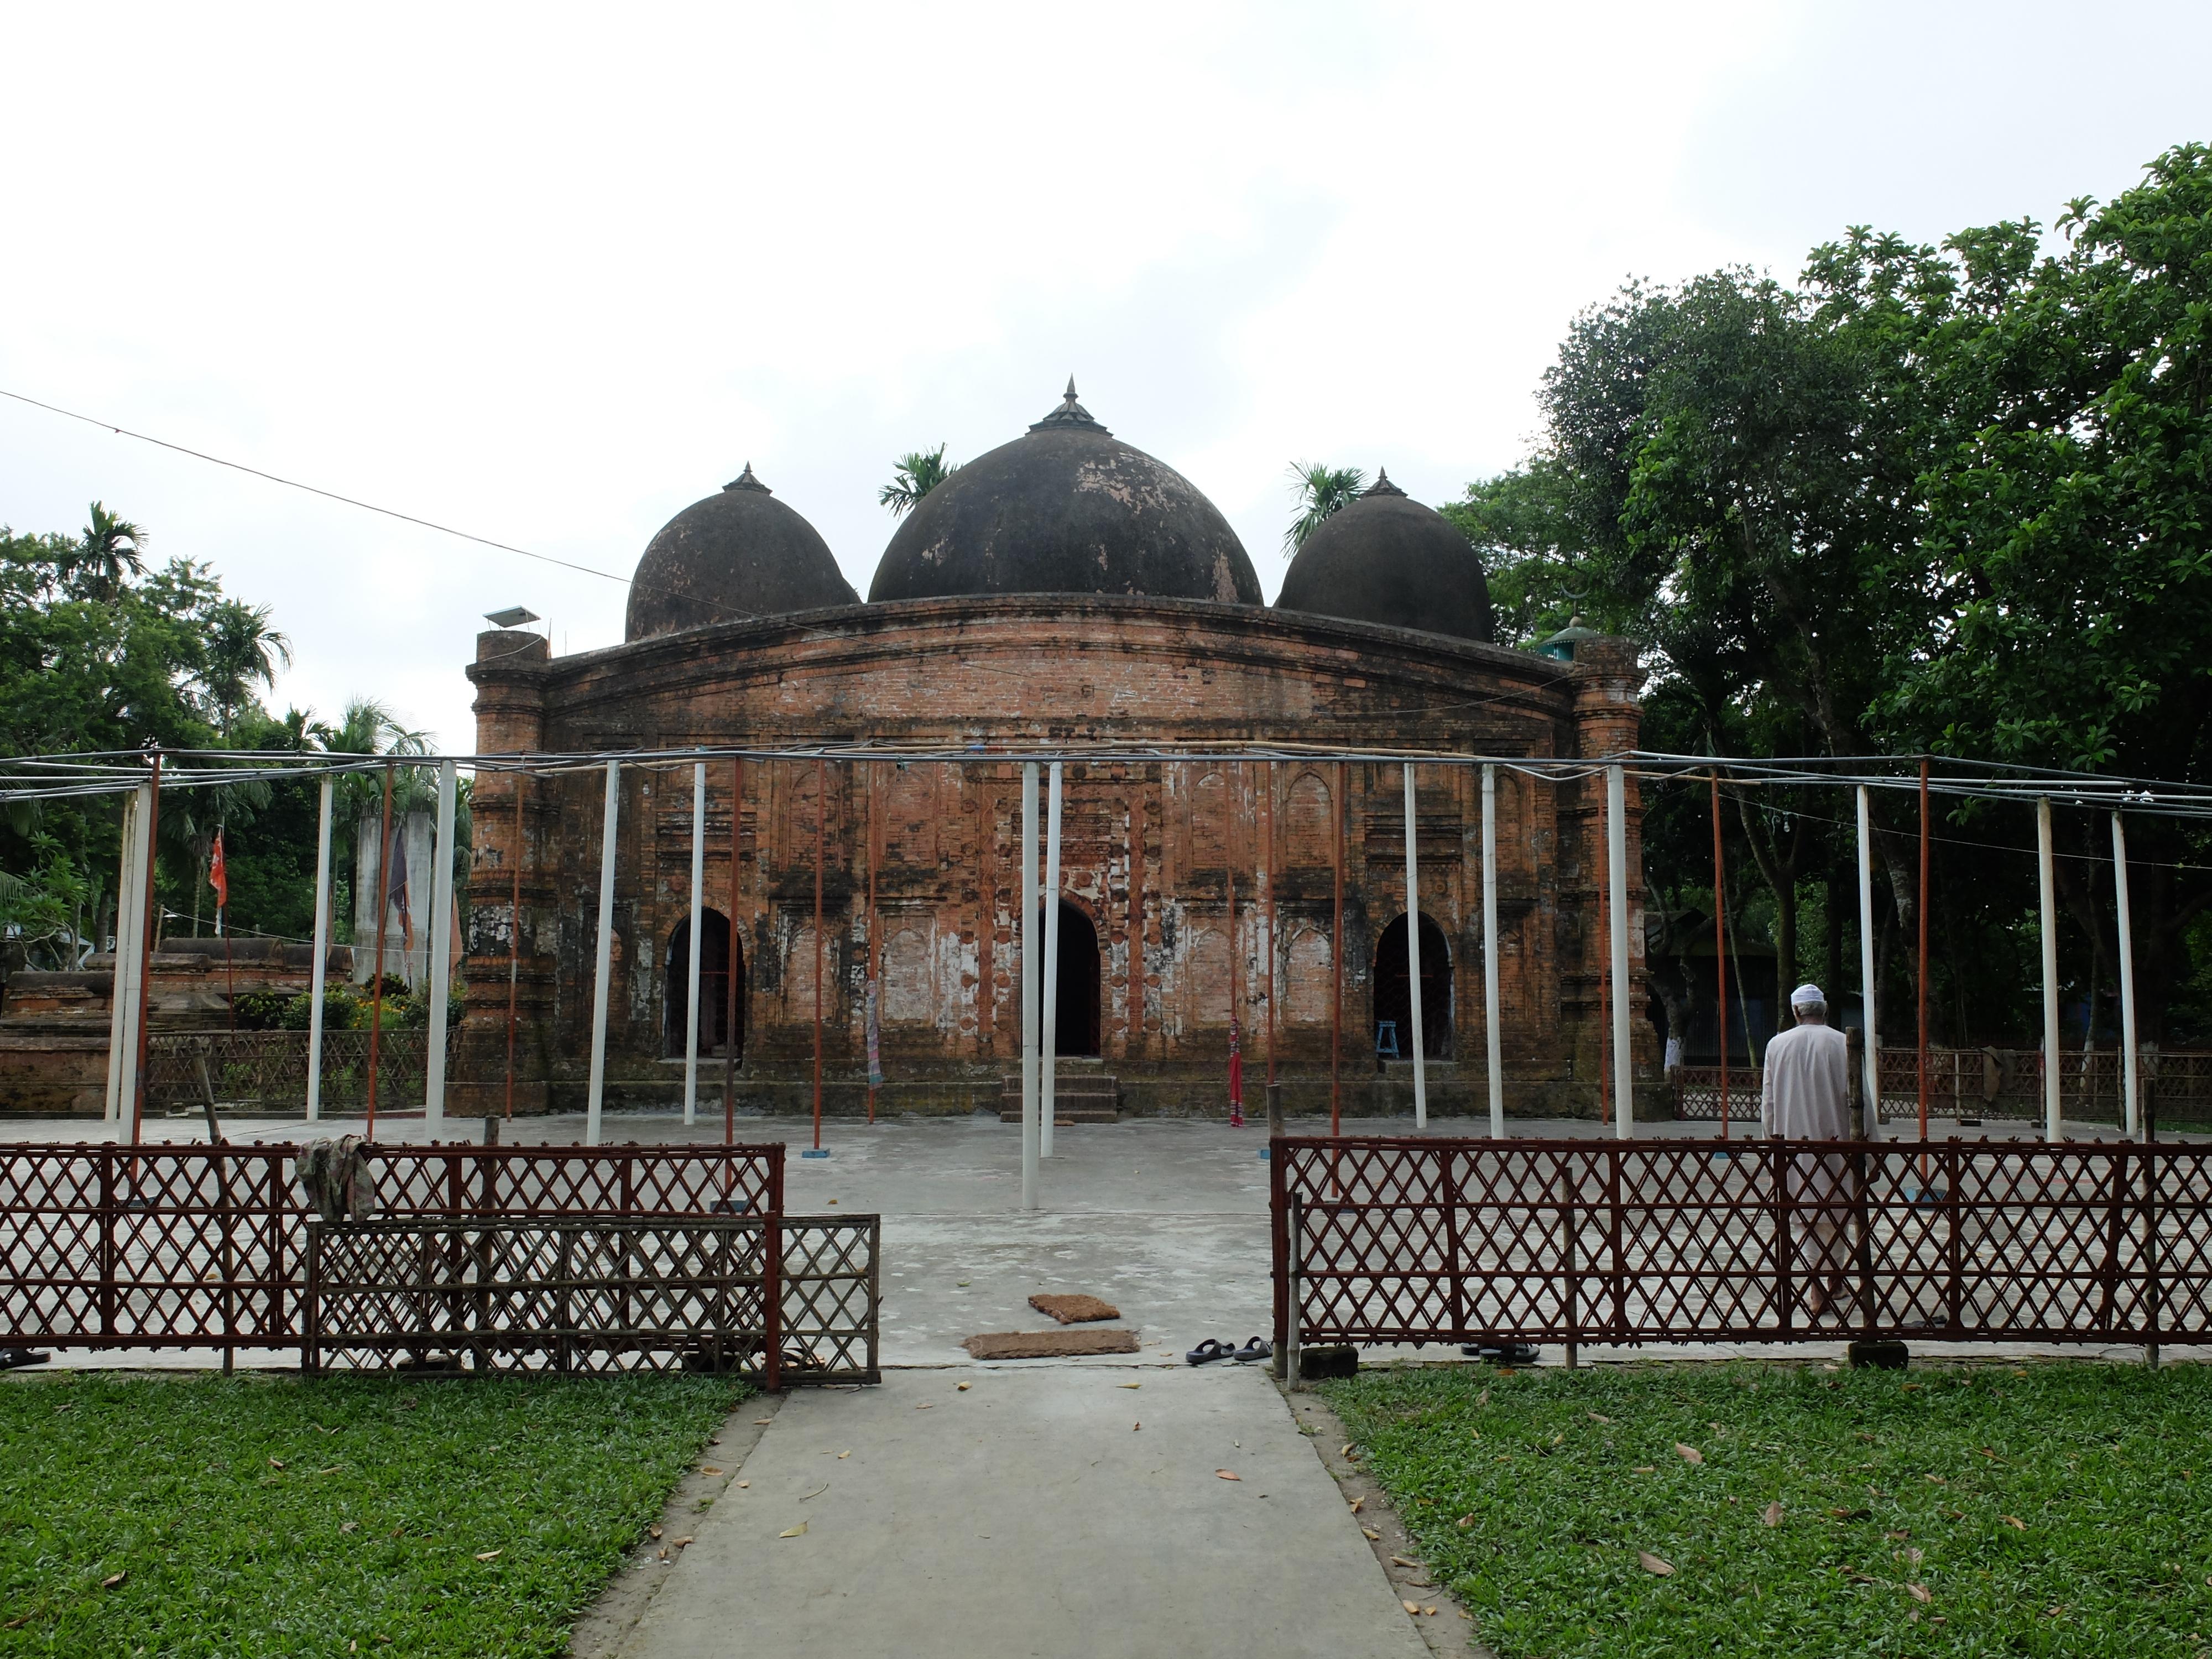 কুতুব শাহ মসজিদের ঐতিহ্যবাহী স্থাপত্য হুমকির মুখে